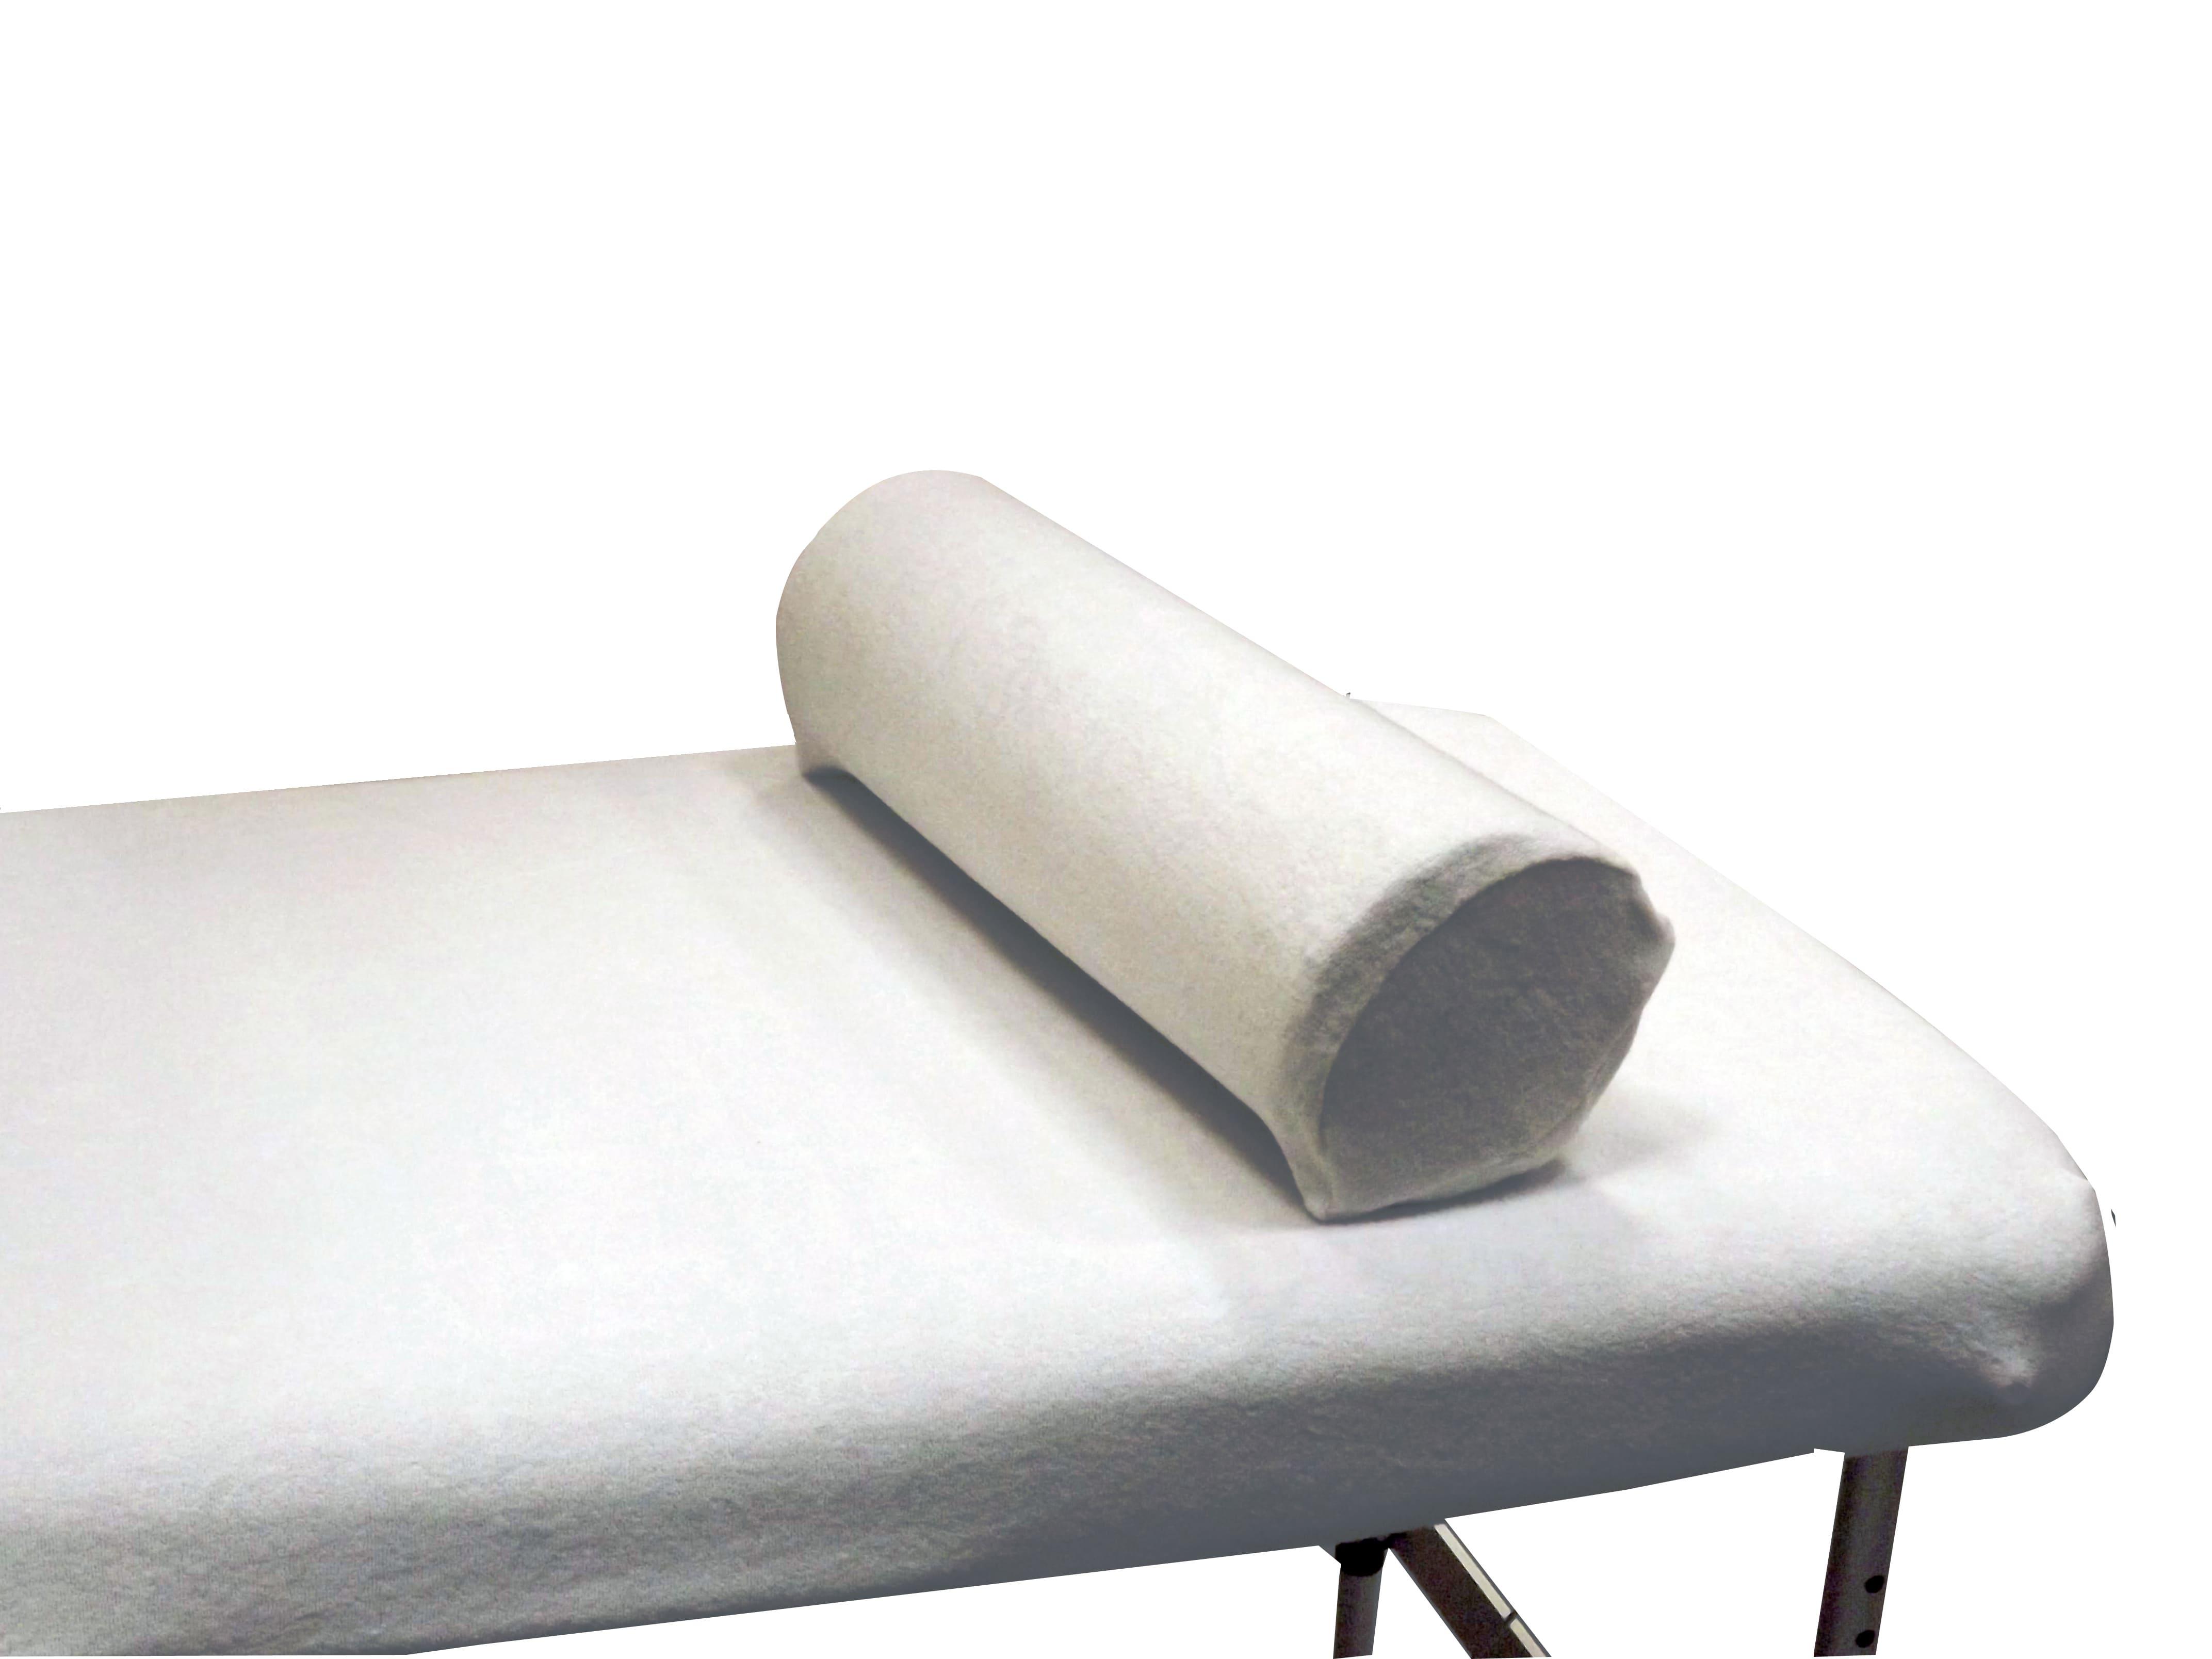 housse-pour-traversin-coton-260-gms_1 Meilleur De De Housse Protection Salon De Jardin Conception